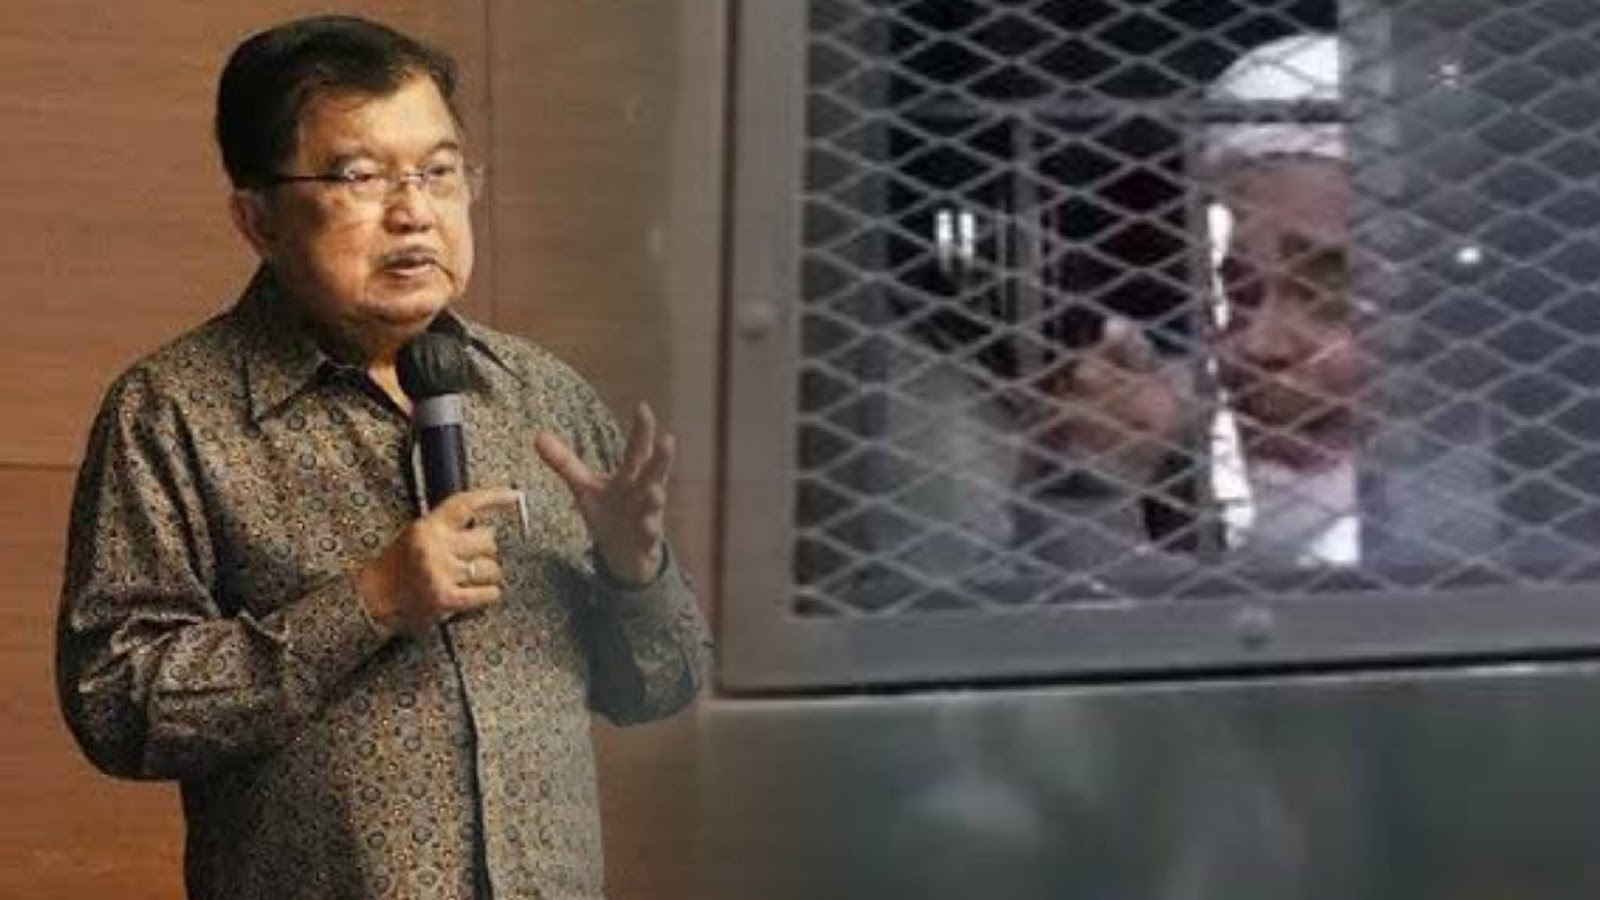 Masuk Penjara 2 Kali, Jusuf Kalla Sebut HRS Orang Taat Hukum